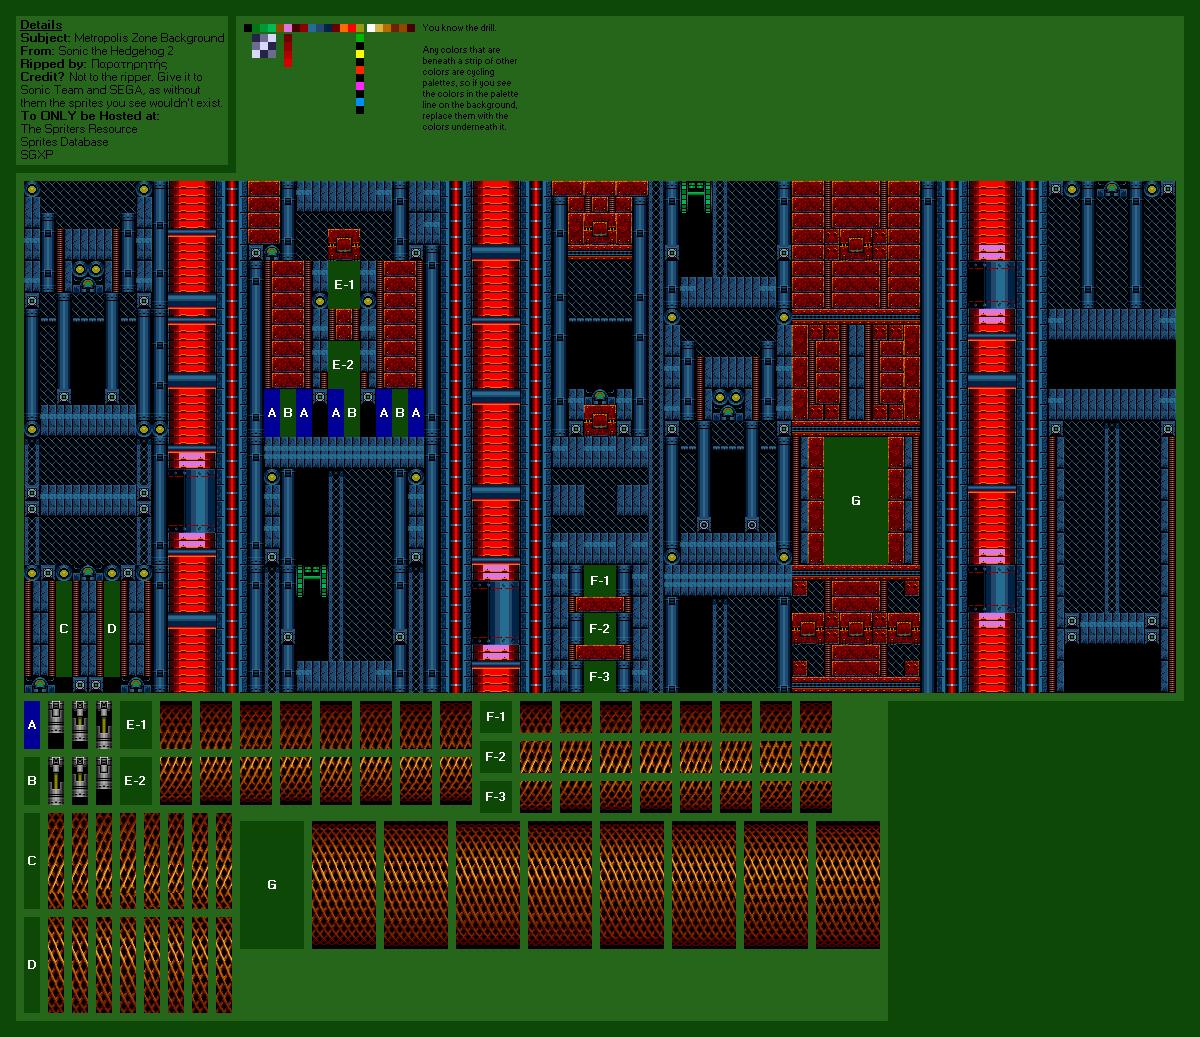 Genesis 32x Scd Sonic The Hedgehog 2 Metropolis Zone The Spriters Resource